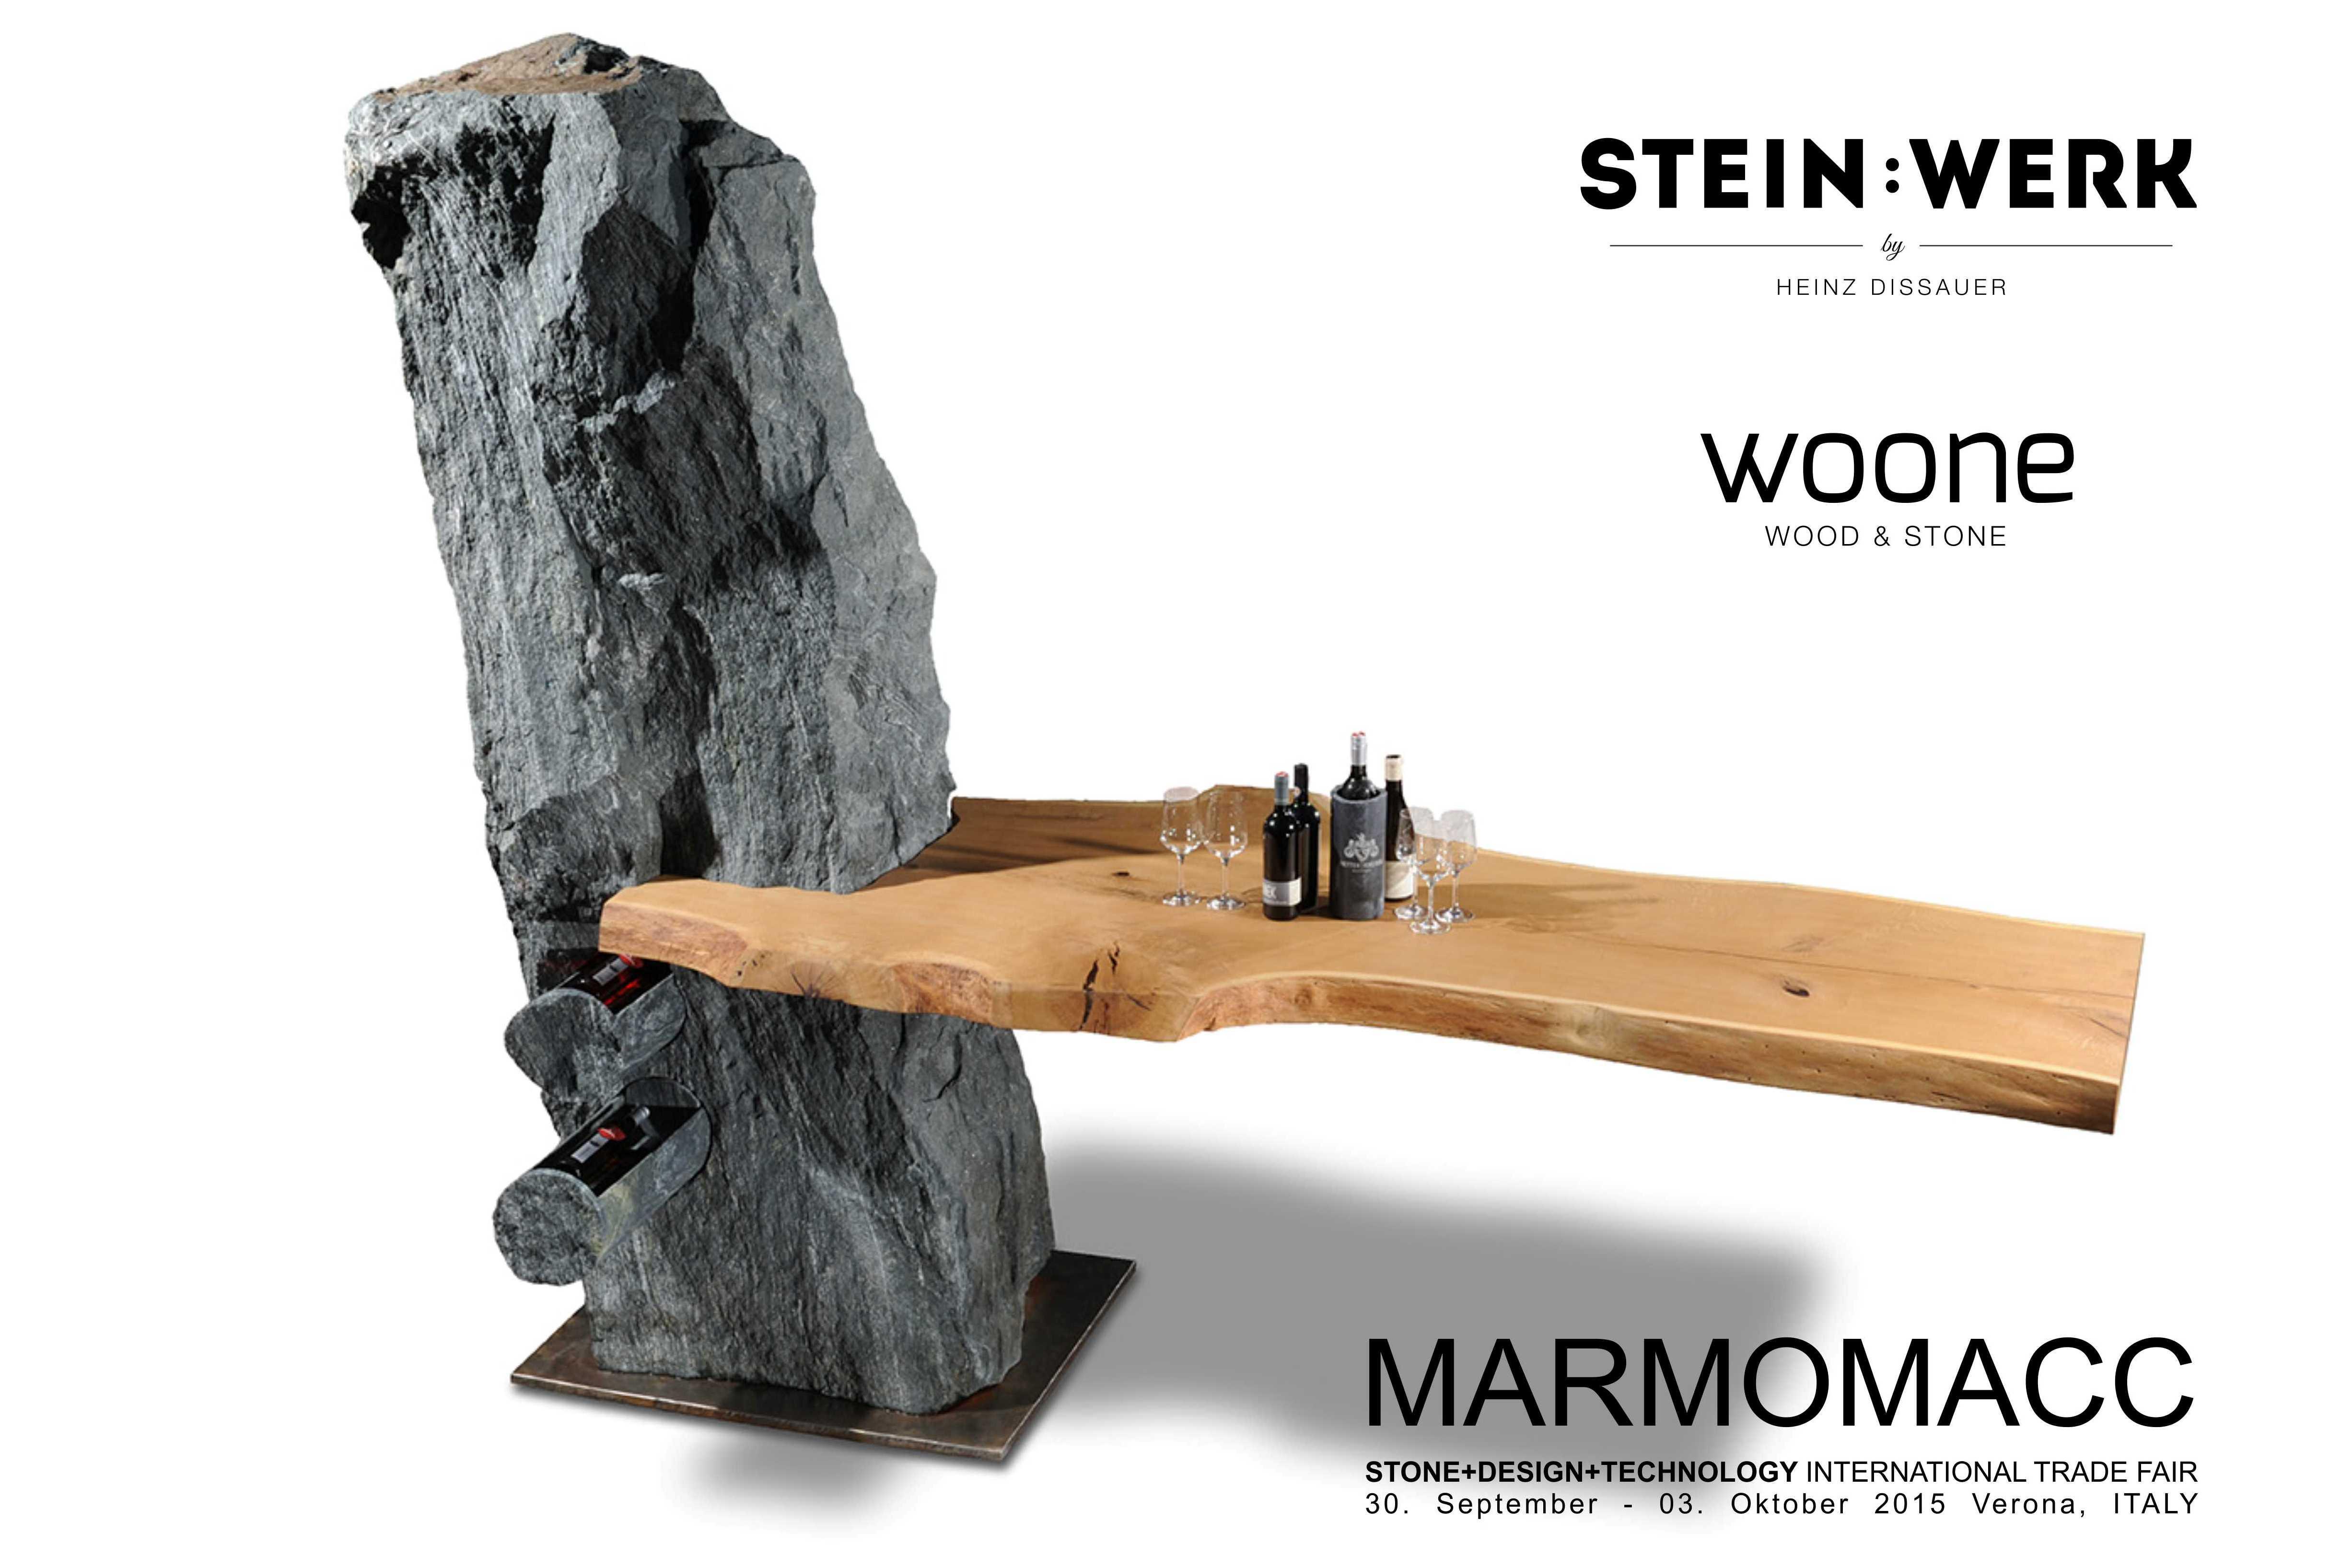 SteinWerk Marmomacc woone